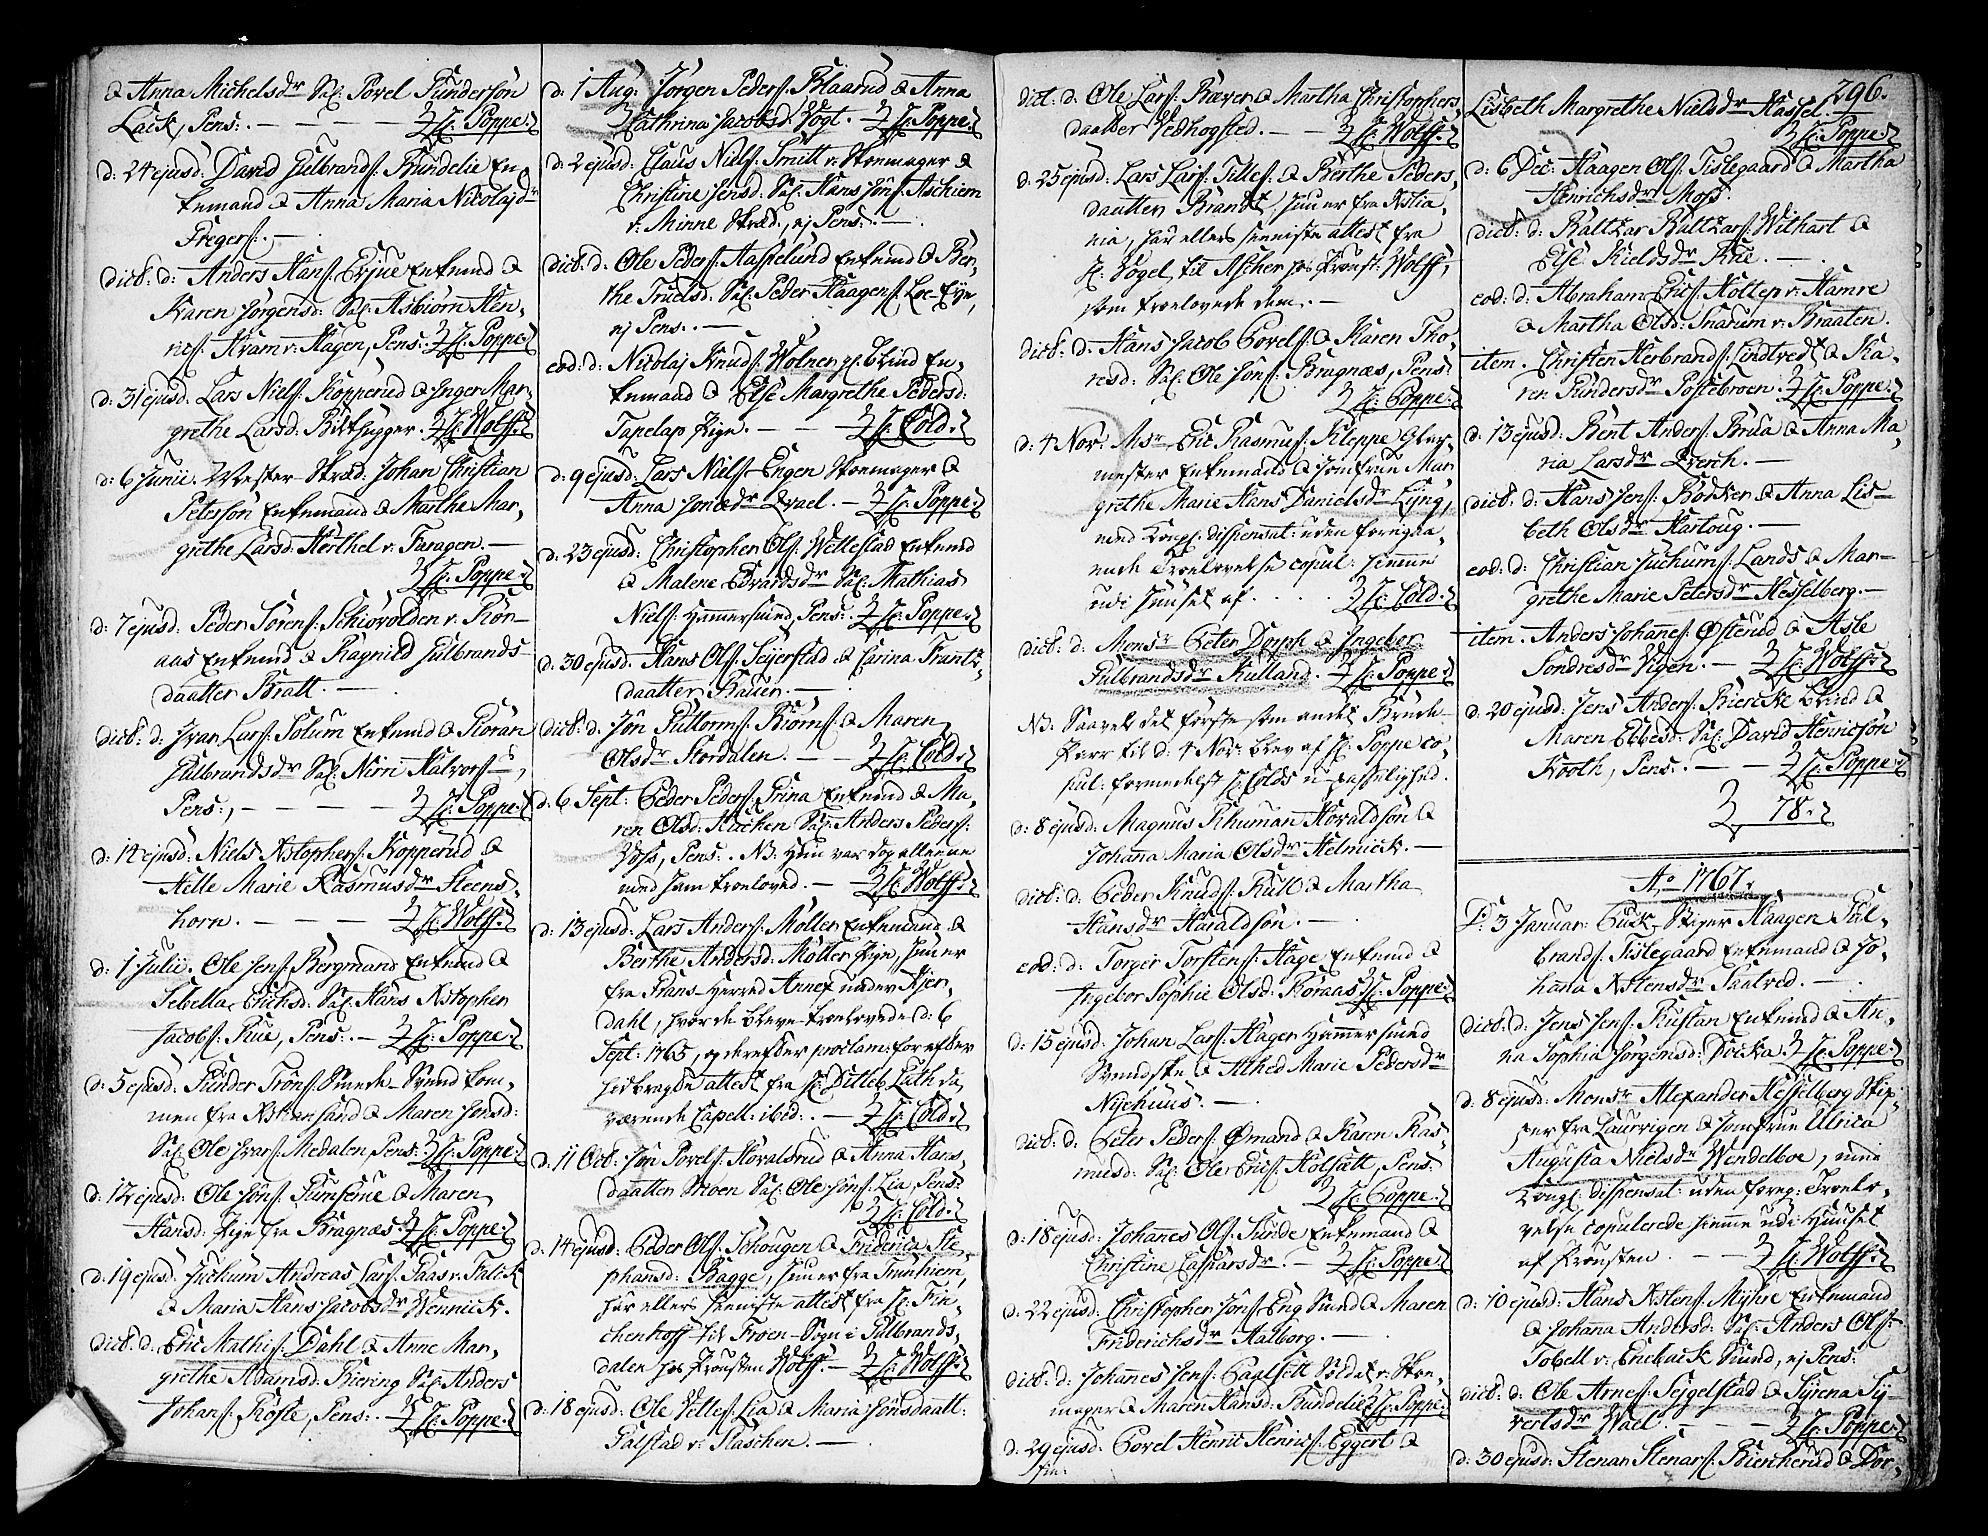 SAKO, Kongsberg kirkebøker, F/Fa/L0004: Ministerialbok nr. I 4, 1756-1768, s. 296